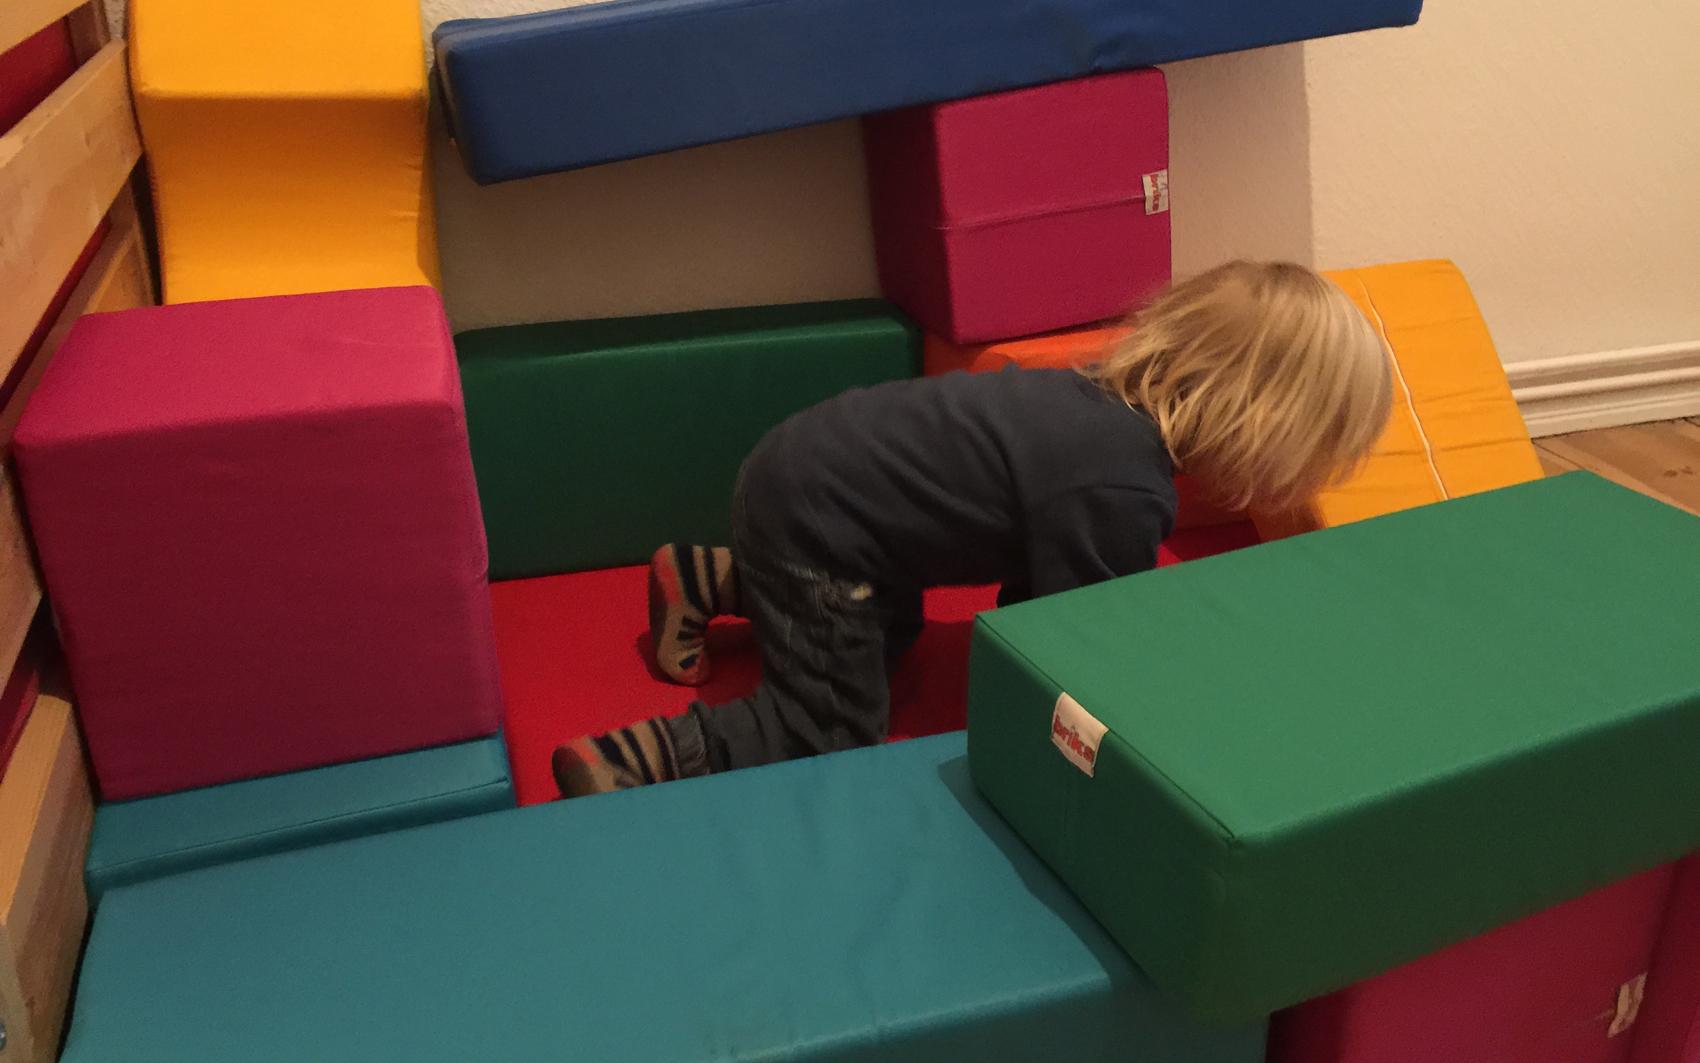 Lieblingsspielzeug: Riesenbausteine - Von guten Eltern